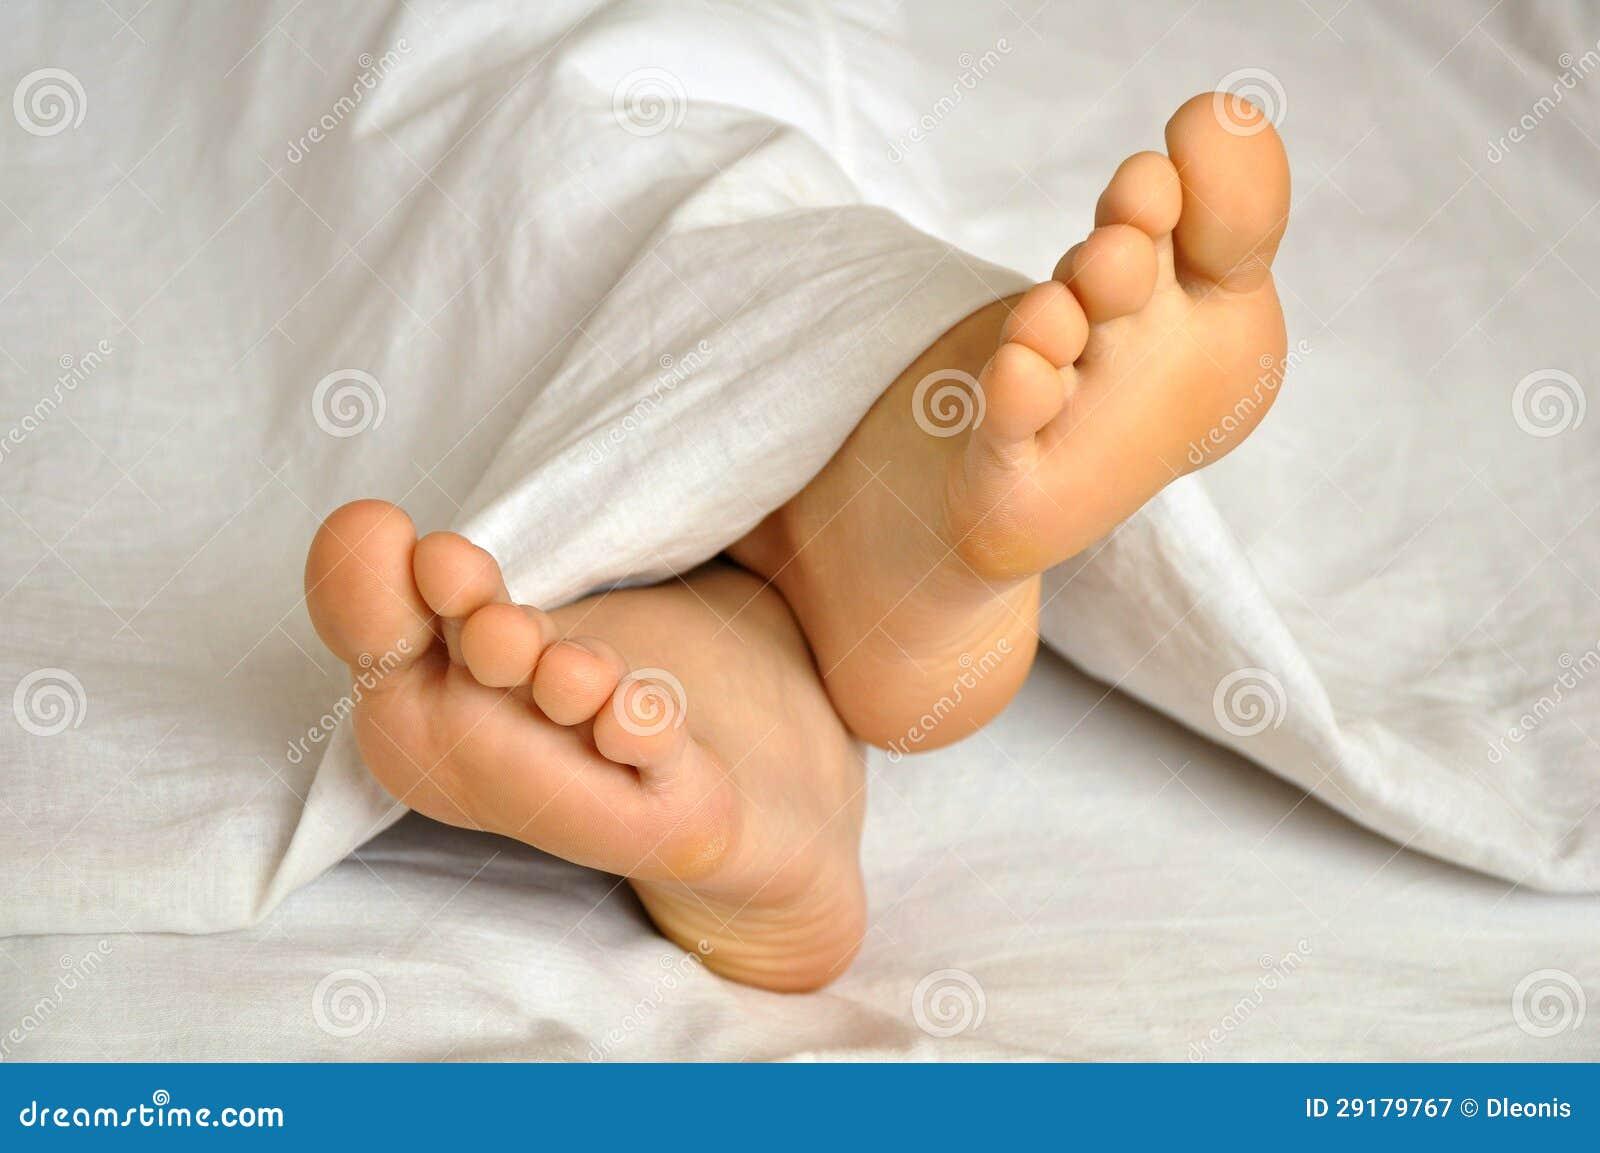 Teen sleeping feet: fat woman love